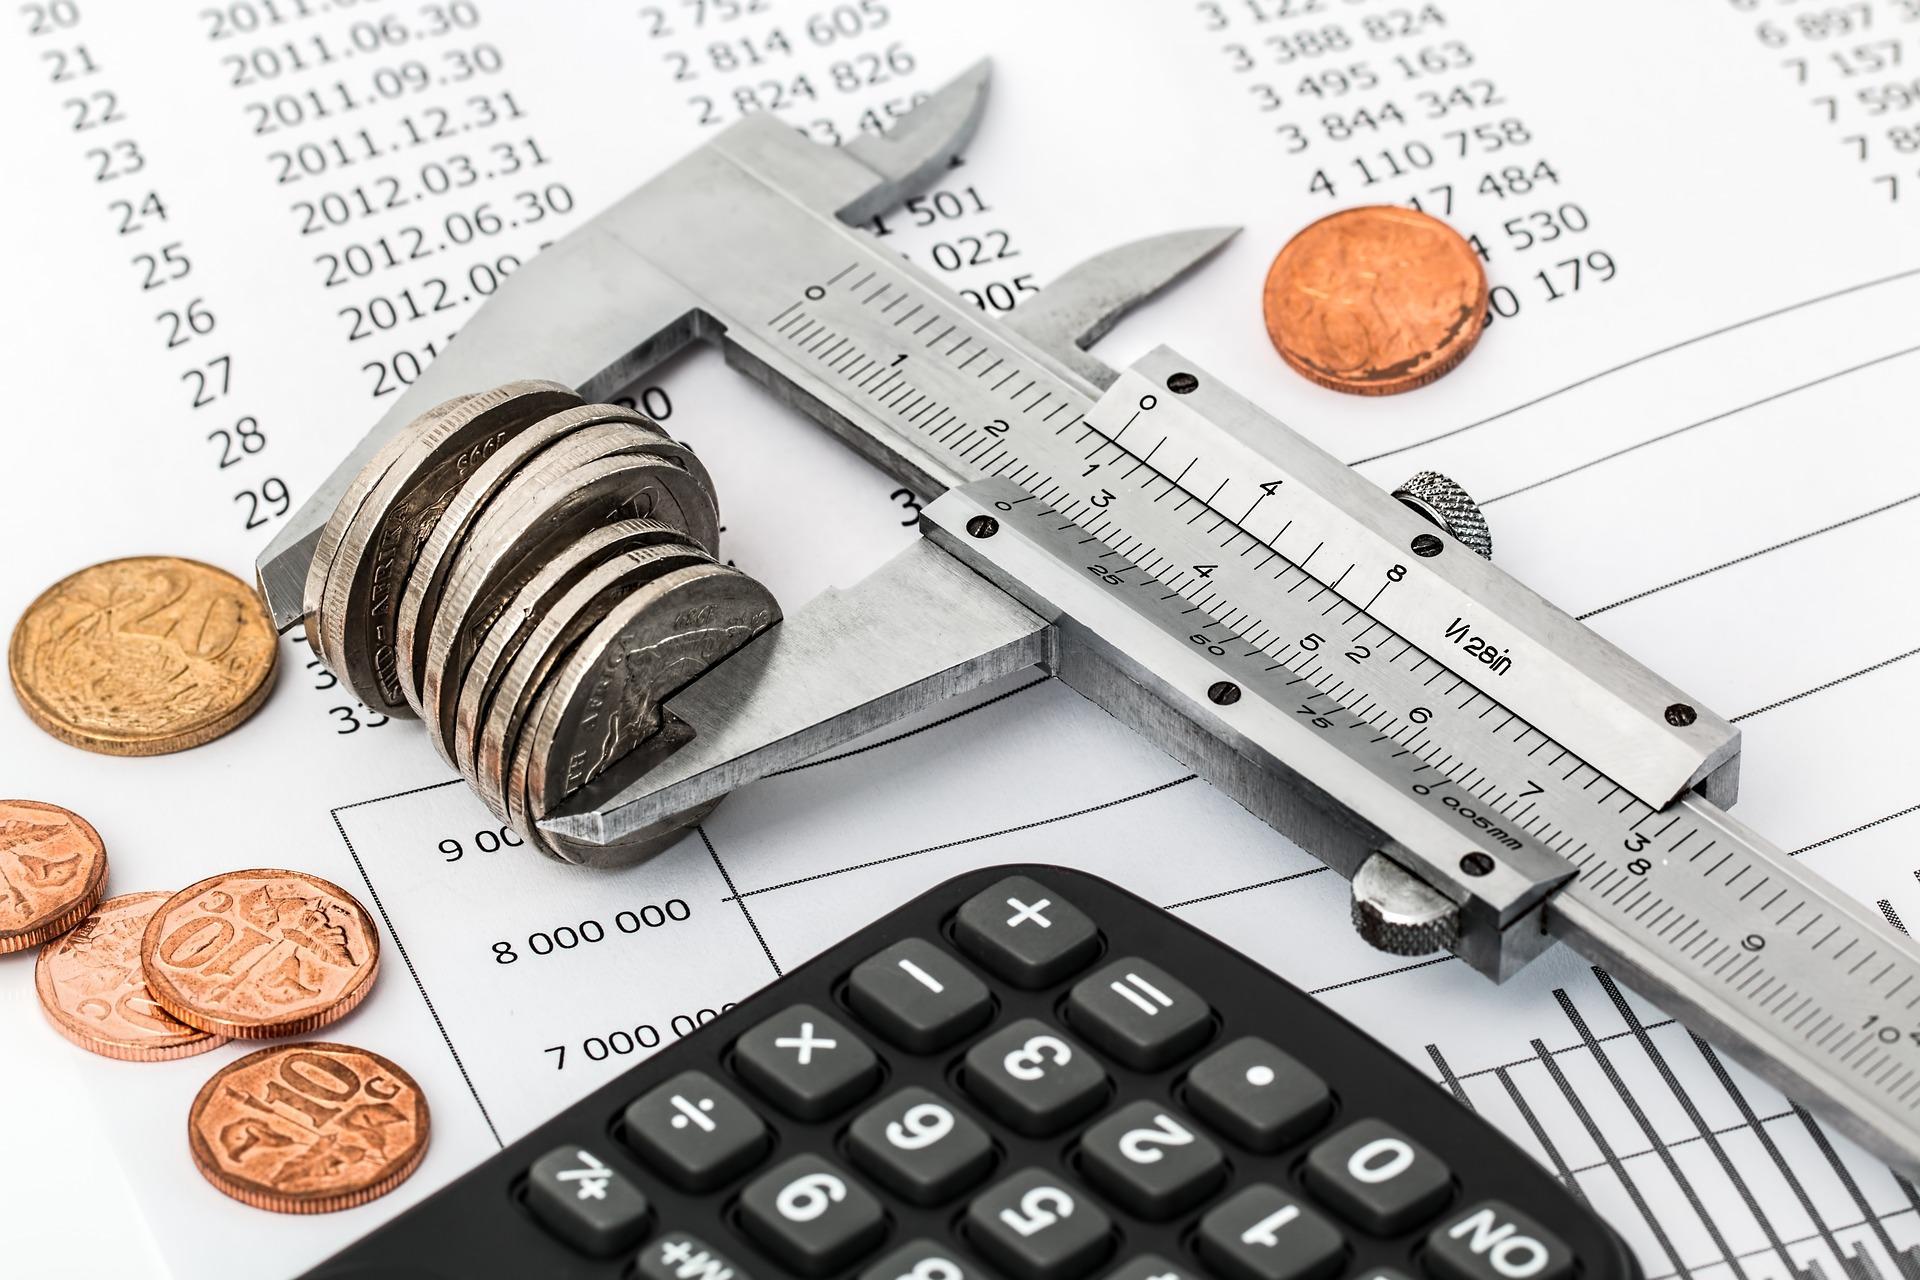 Geschäftsführerhaftung - und die widerspruchslose Forderungsanmeldung zur Insolvenztabelle der GmbH